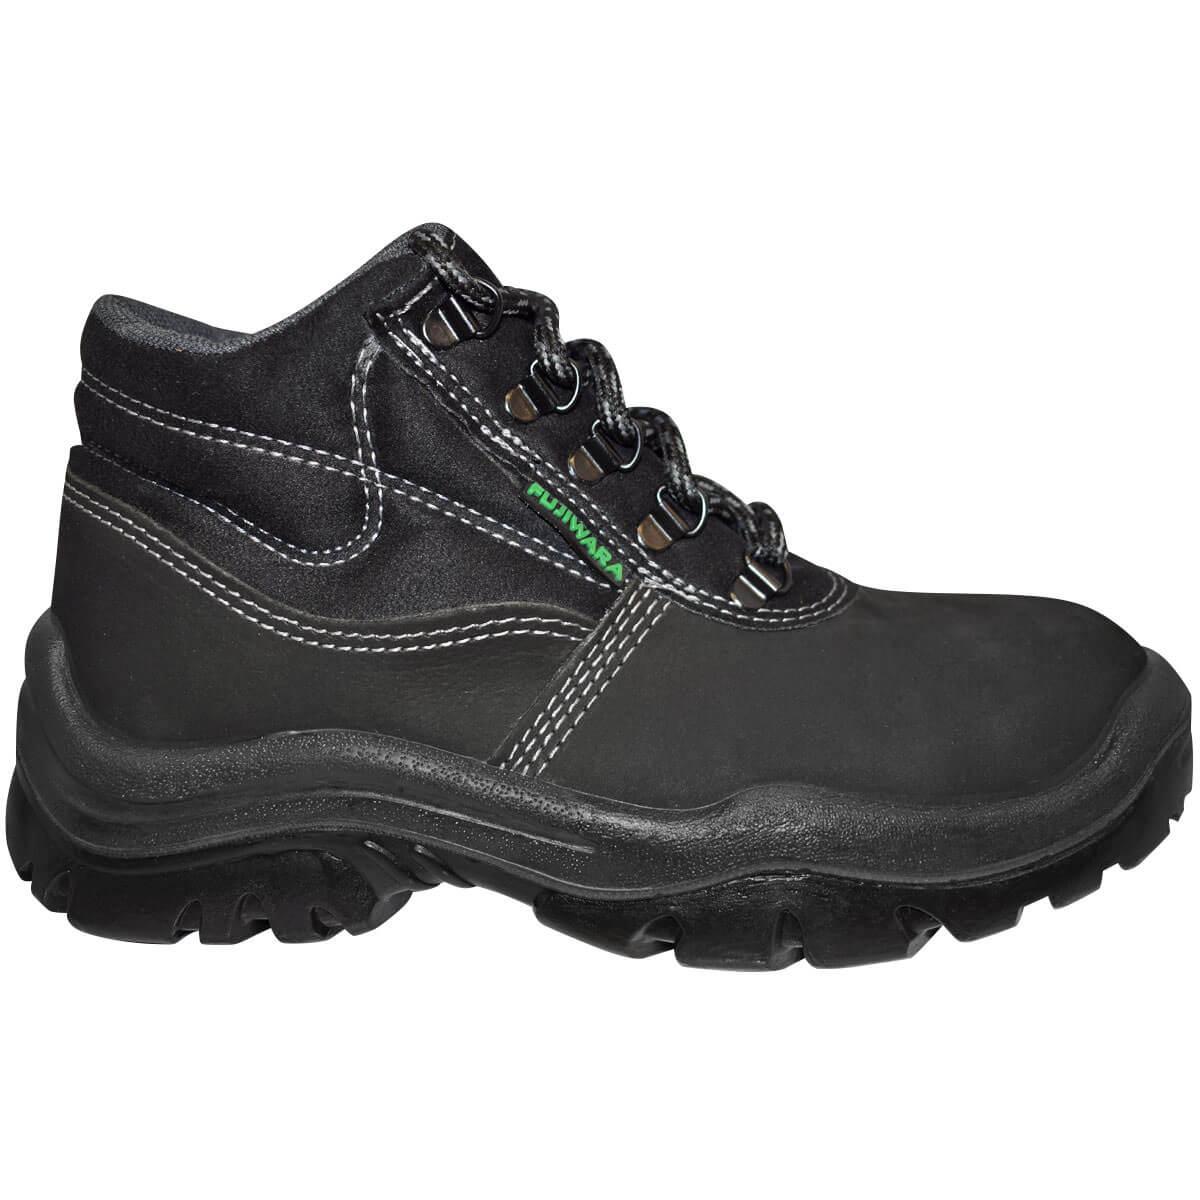 56c43c01feae8 Calçados de Segurança Com Ofertas Imperdíveis na Casa do Soldador